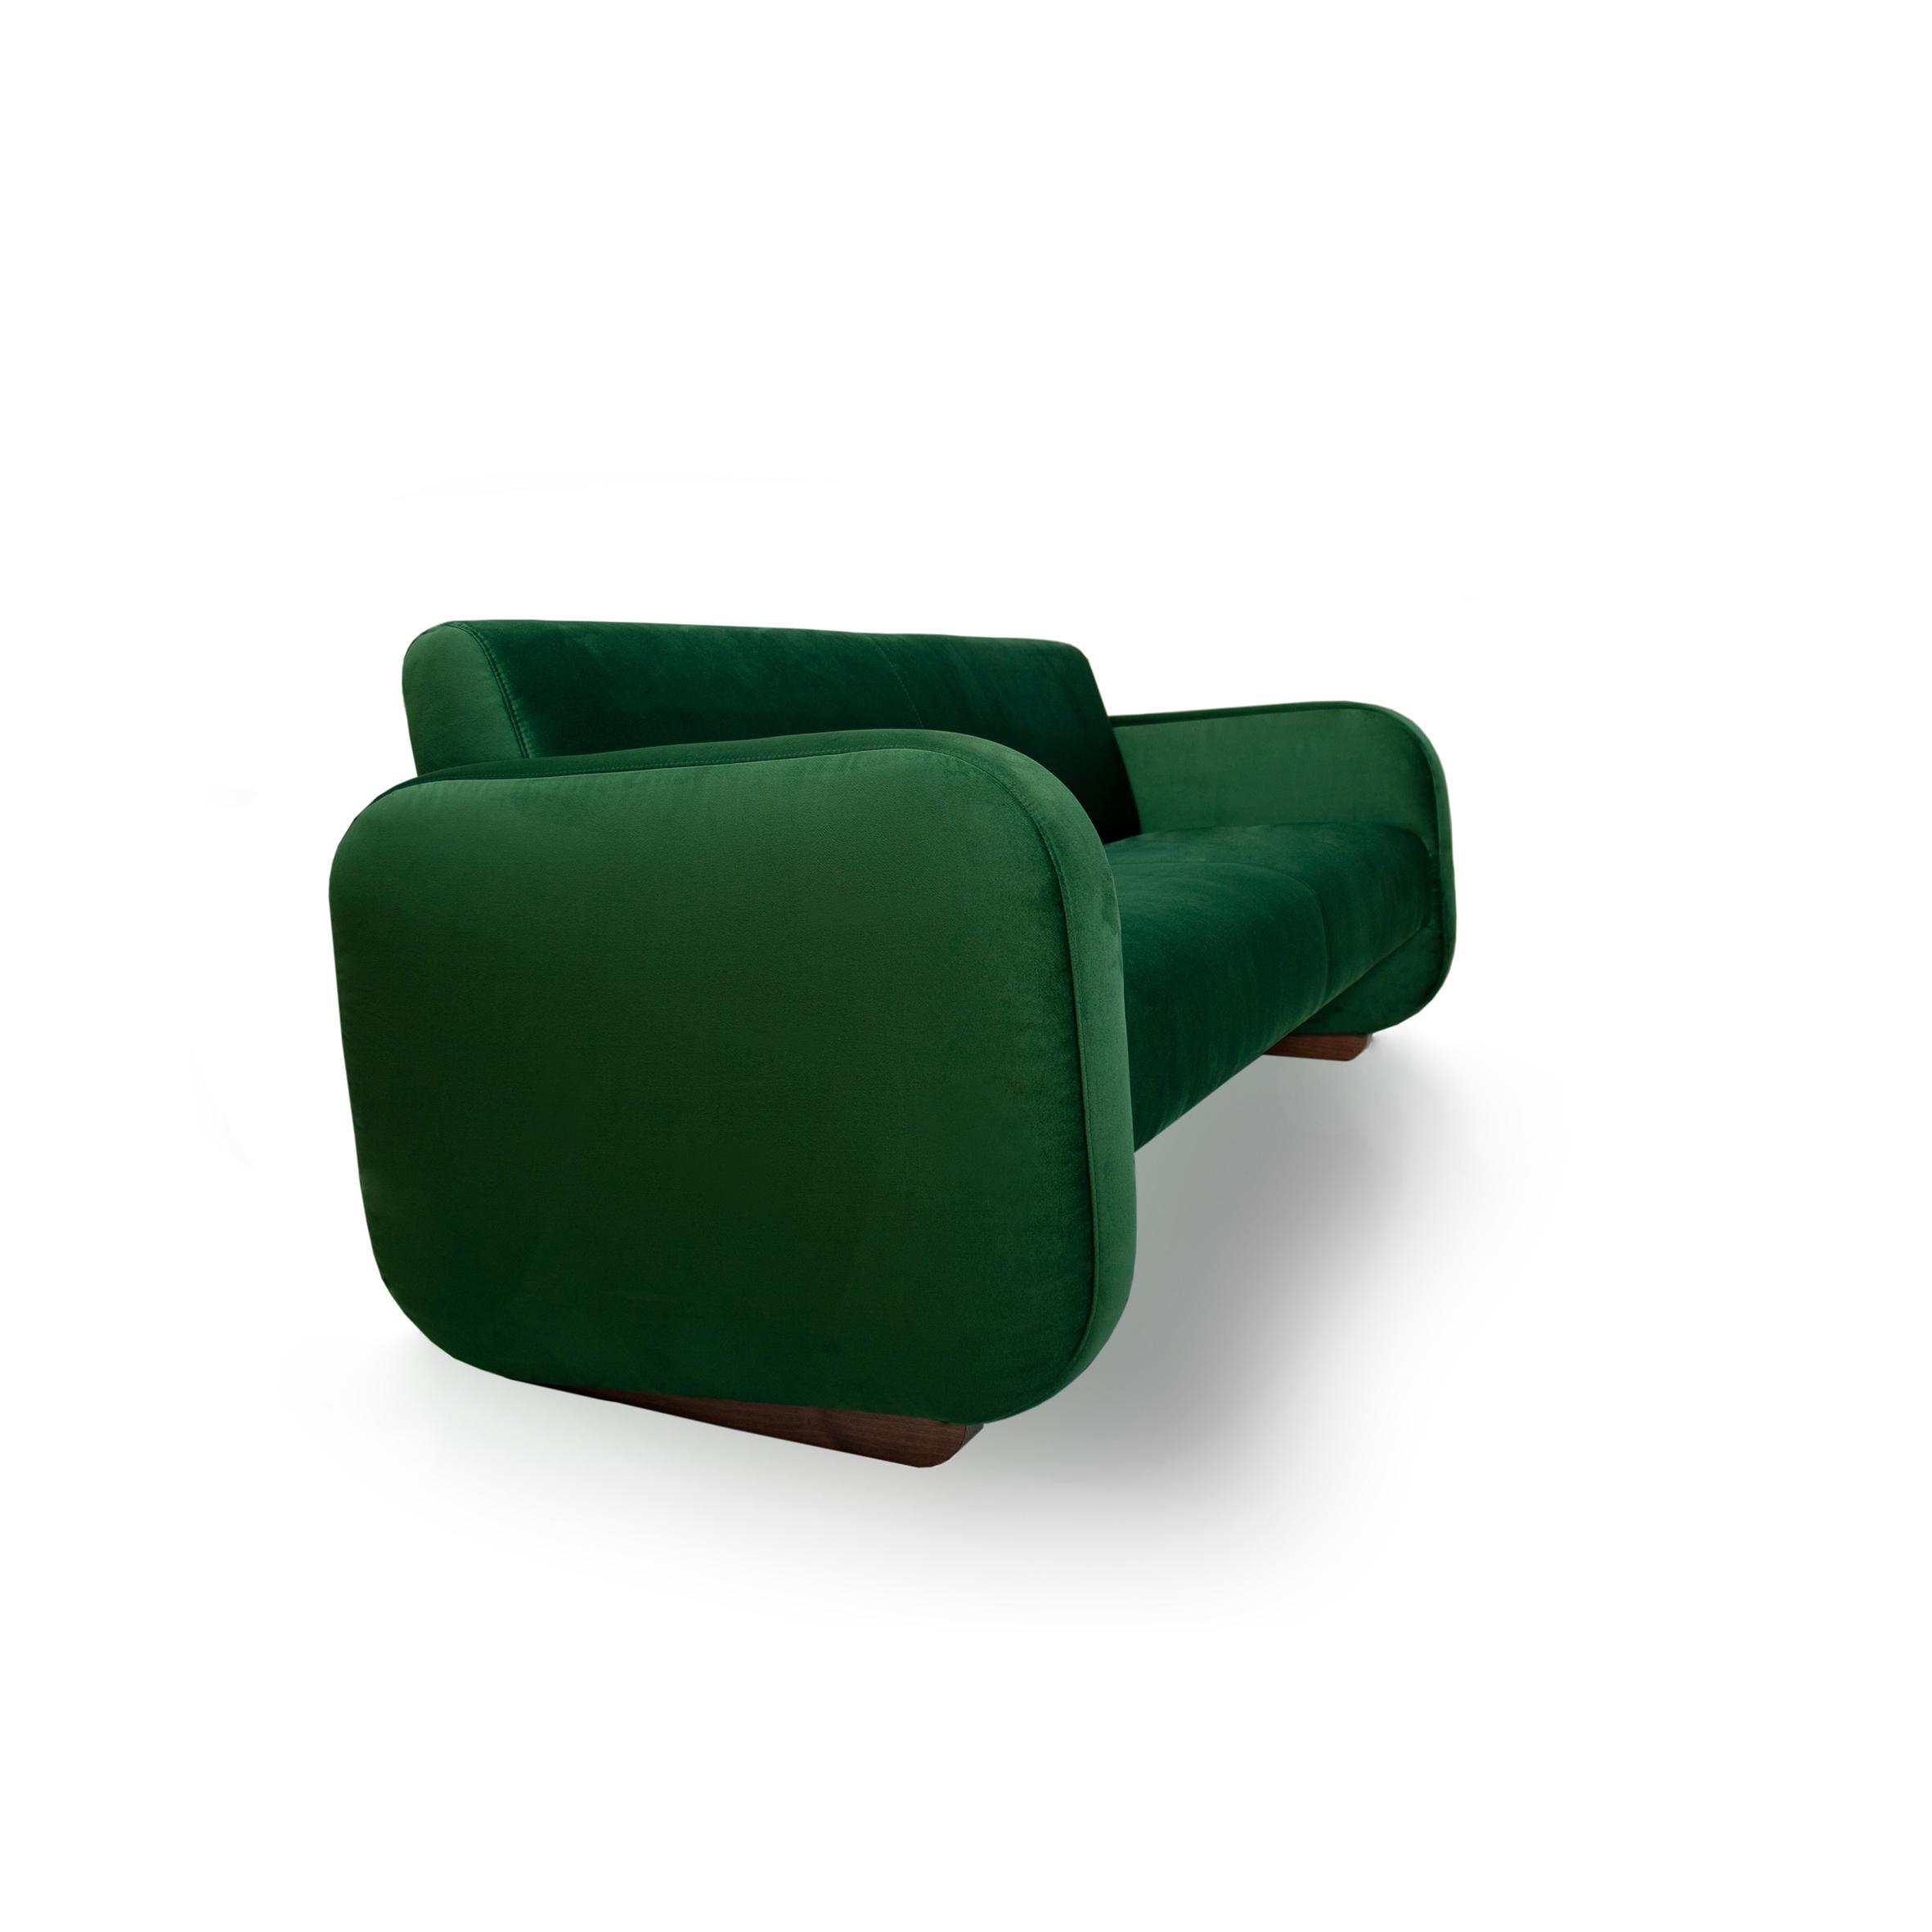 pevné stehy, kvalitní nitě  – to je klíčem ke stálému držení tvaru čalouněného nábytku